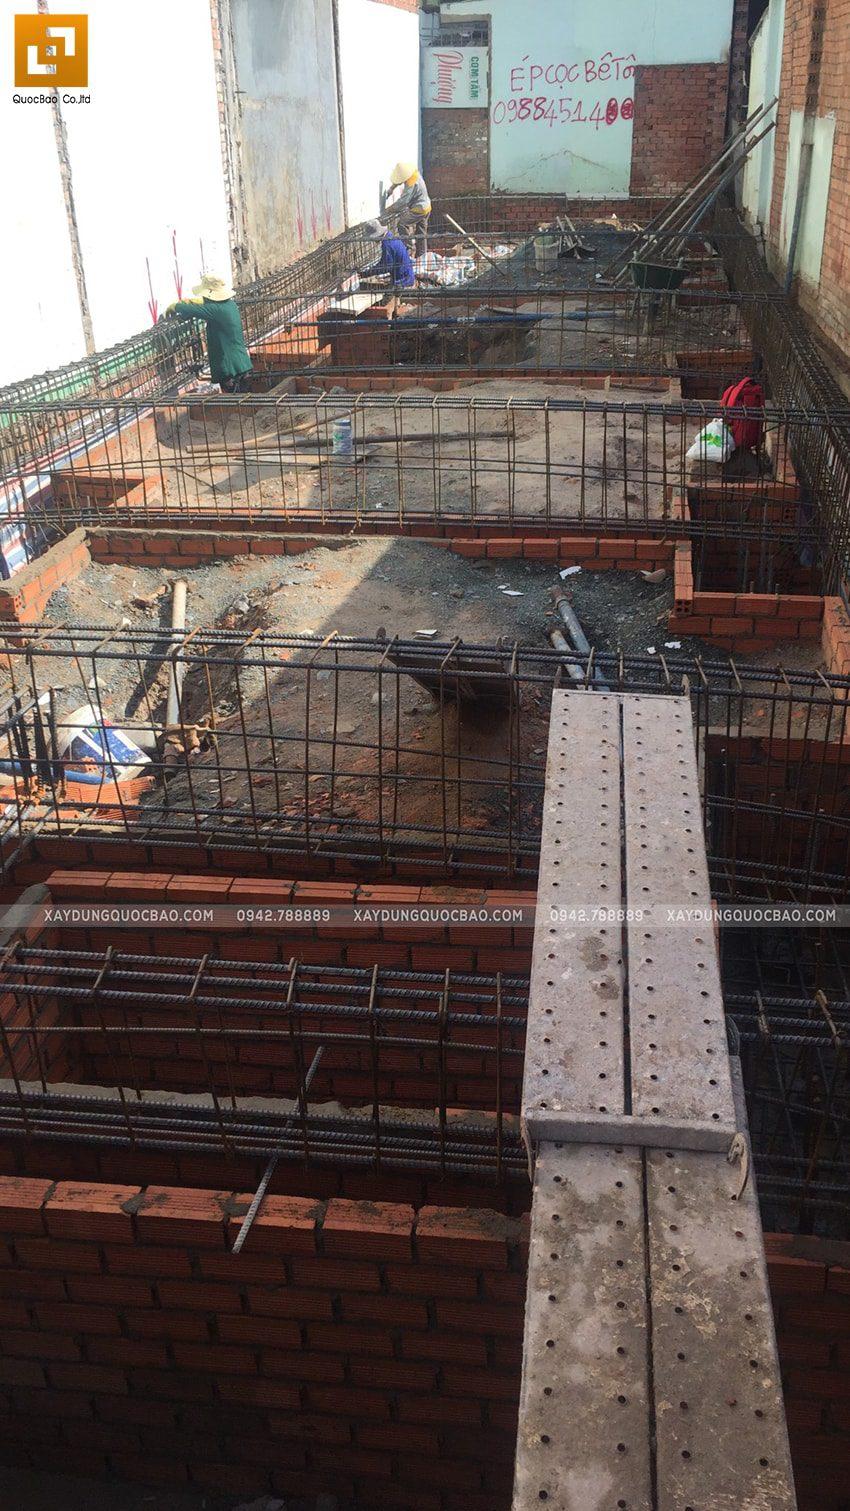 Thi công phần móng nhà và công trình ngầm - Ảnh 8